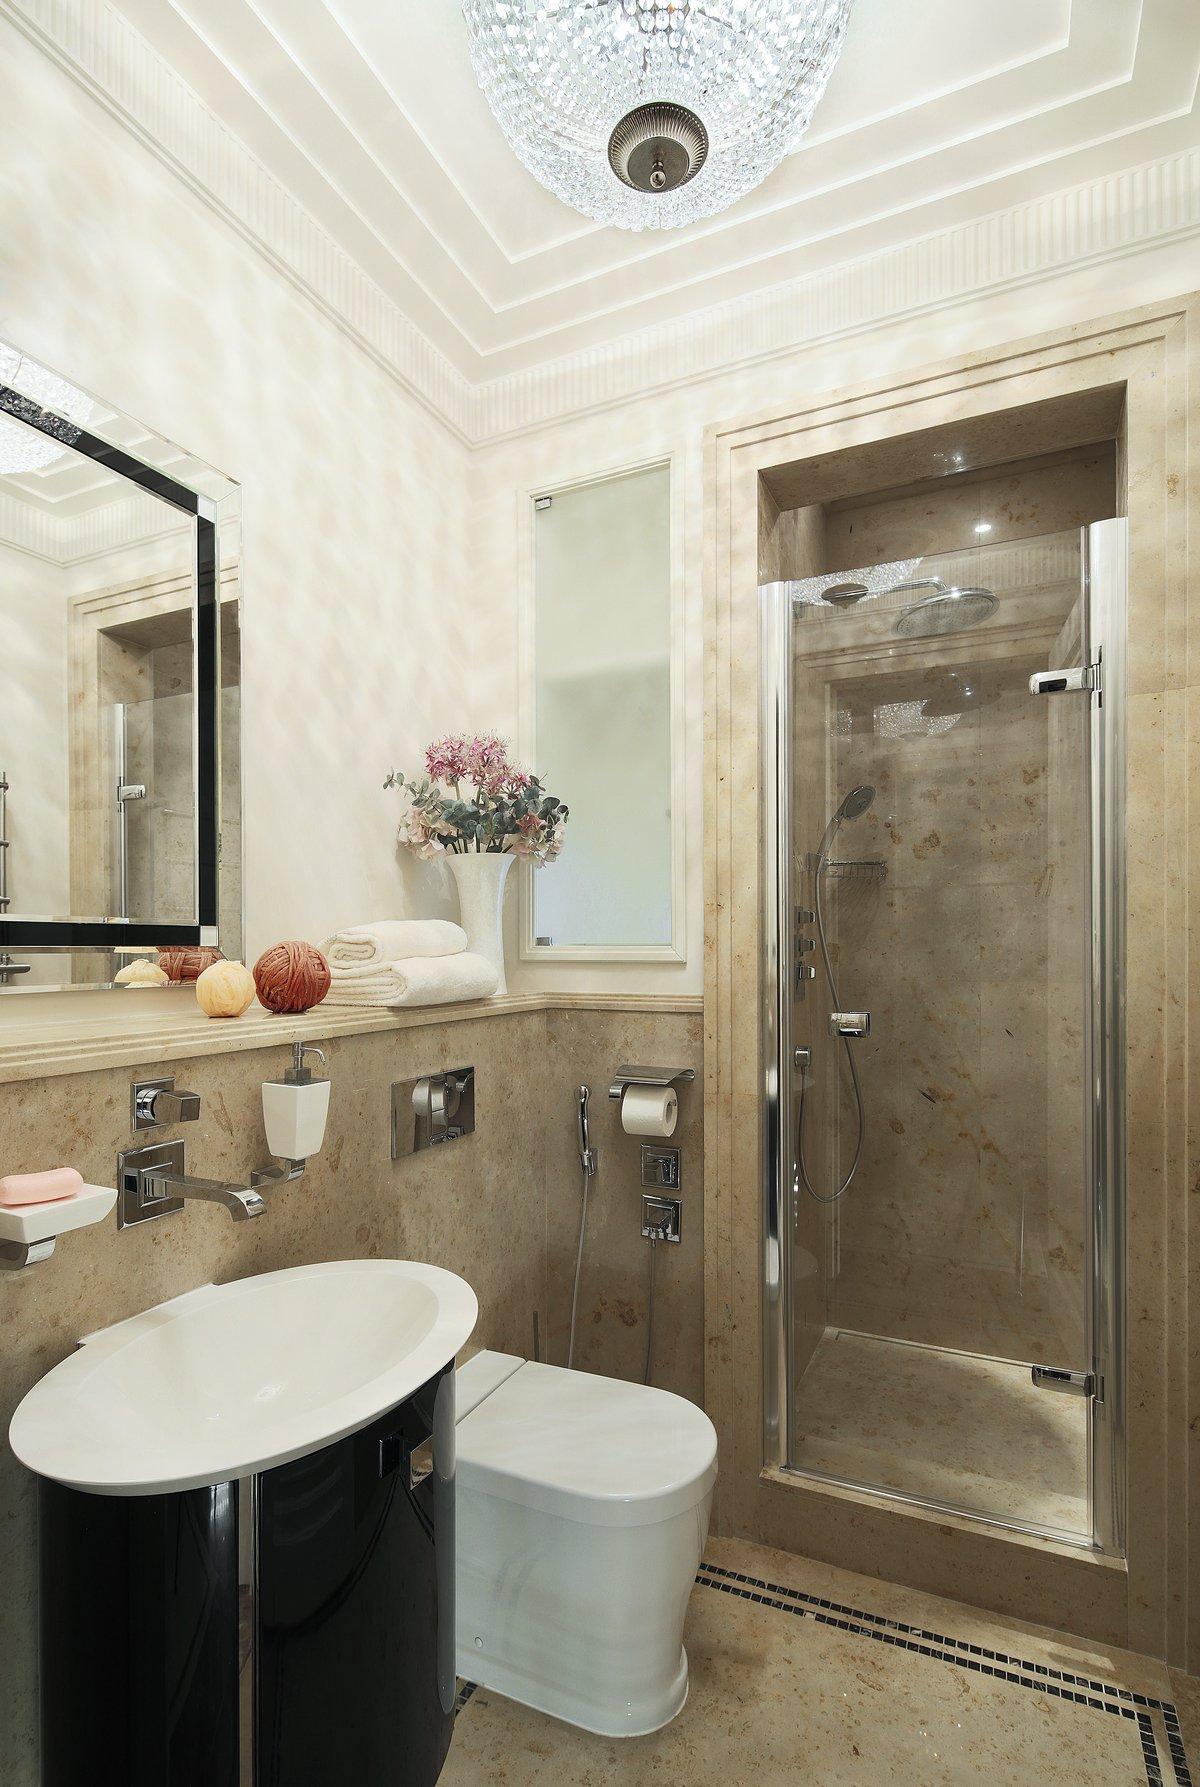 Faber Group, Italian Design, Deco Concept, роскошные квартиры в Москве фото, фото оформления квартиры, биокамин Planica, современный дизайн интерьера